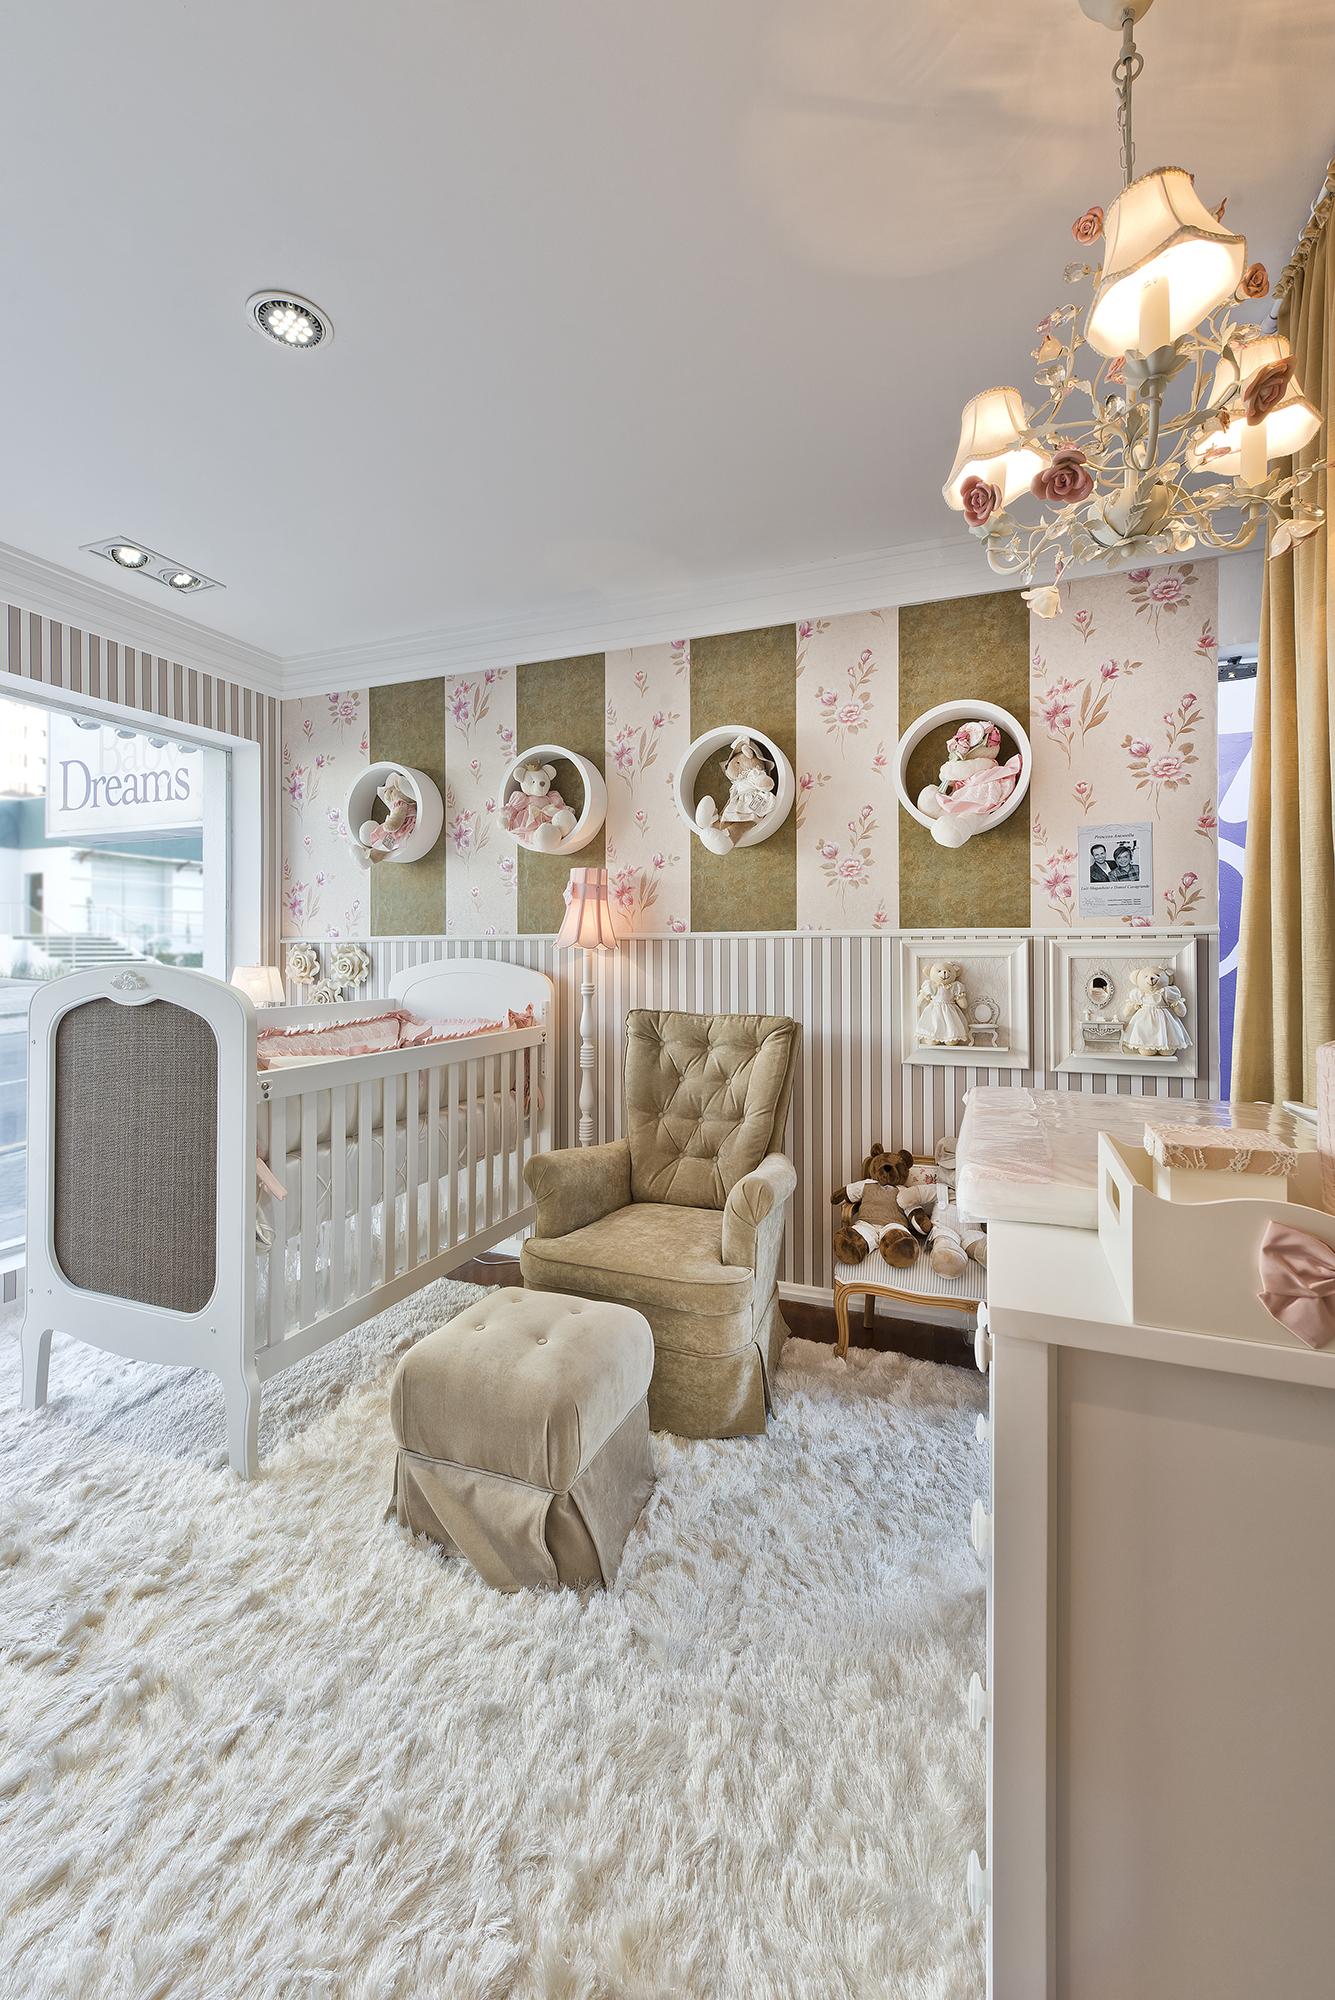 Ideias Para Montar Um Quarto De Bebe ~ ideias para montar quarto de beb? para menina  Mam?e Pr?tica